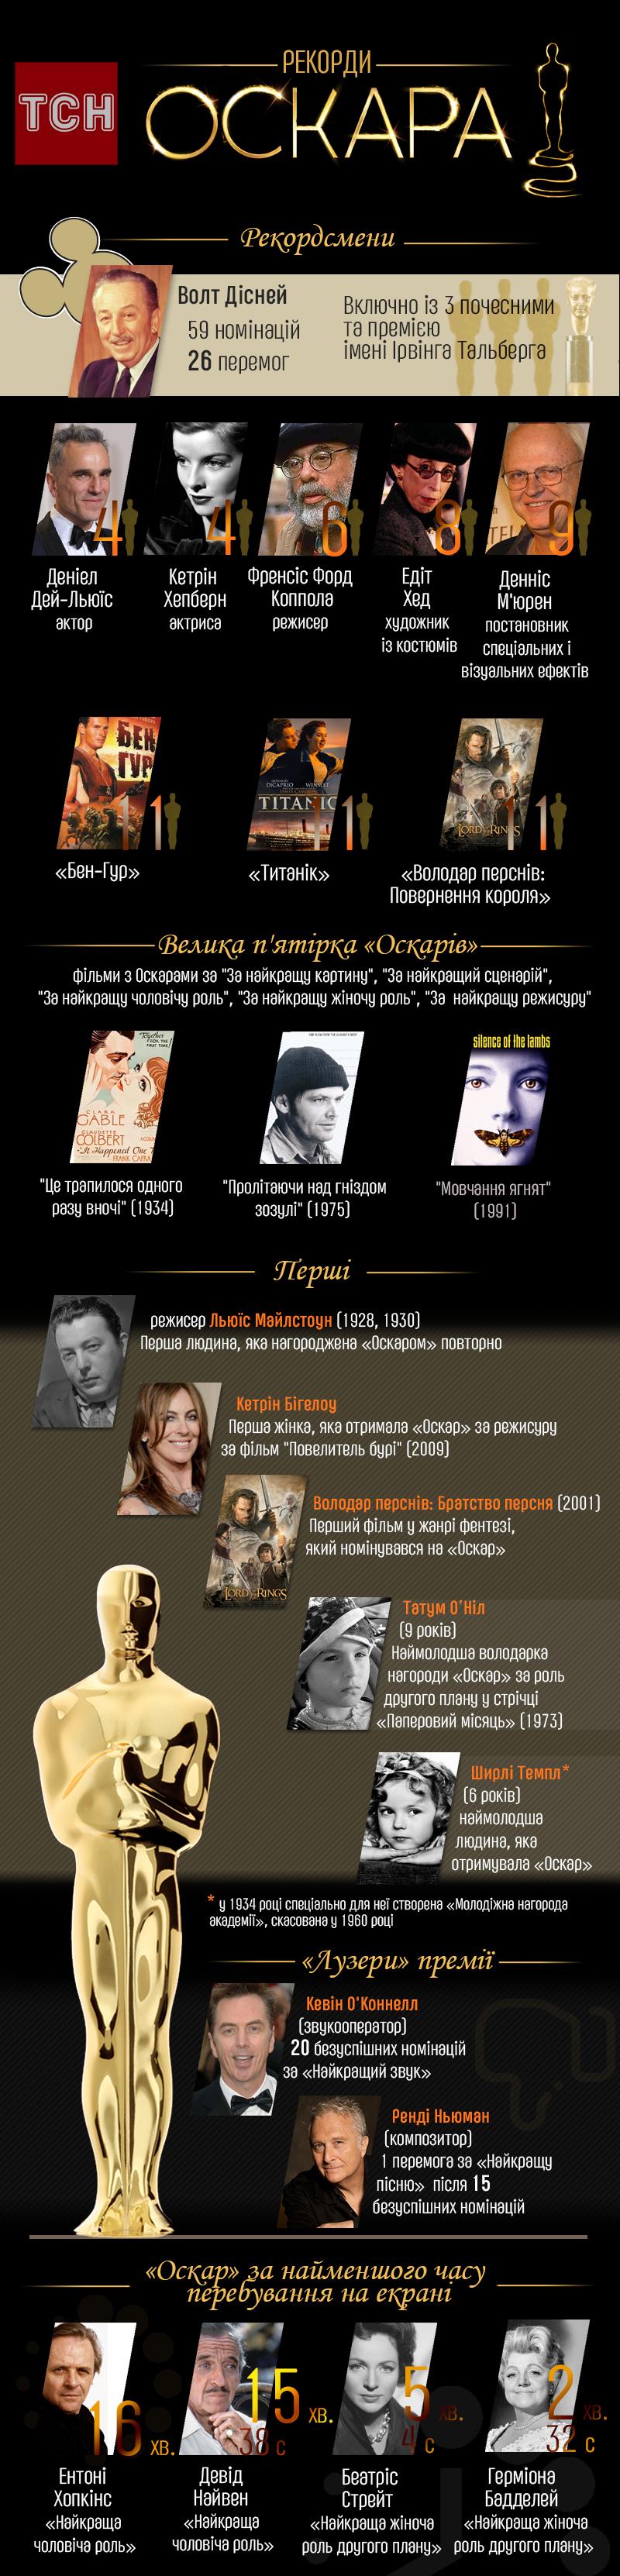 Oscar records